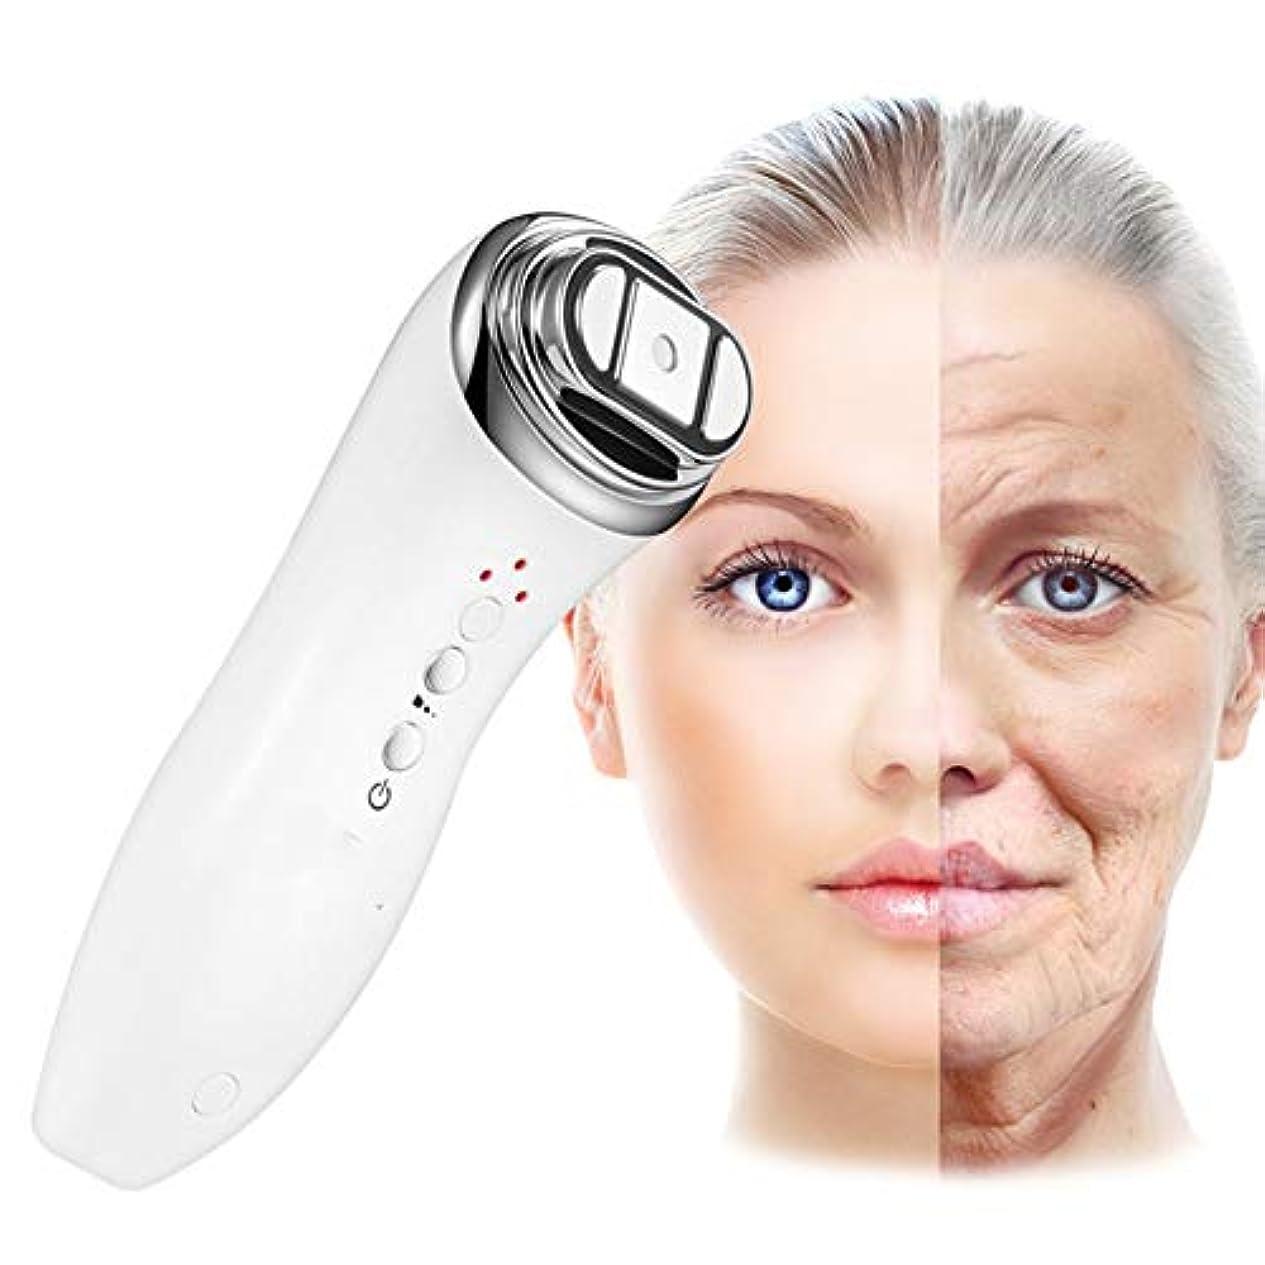 暖炉ヘビ空いているガルバニックMicrocurrentフェイスリフトマシン - デバイスを引き締める顔の皮膚 - 顔と首のアンチエイジングマッサージツール